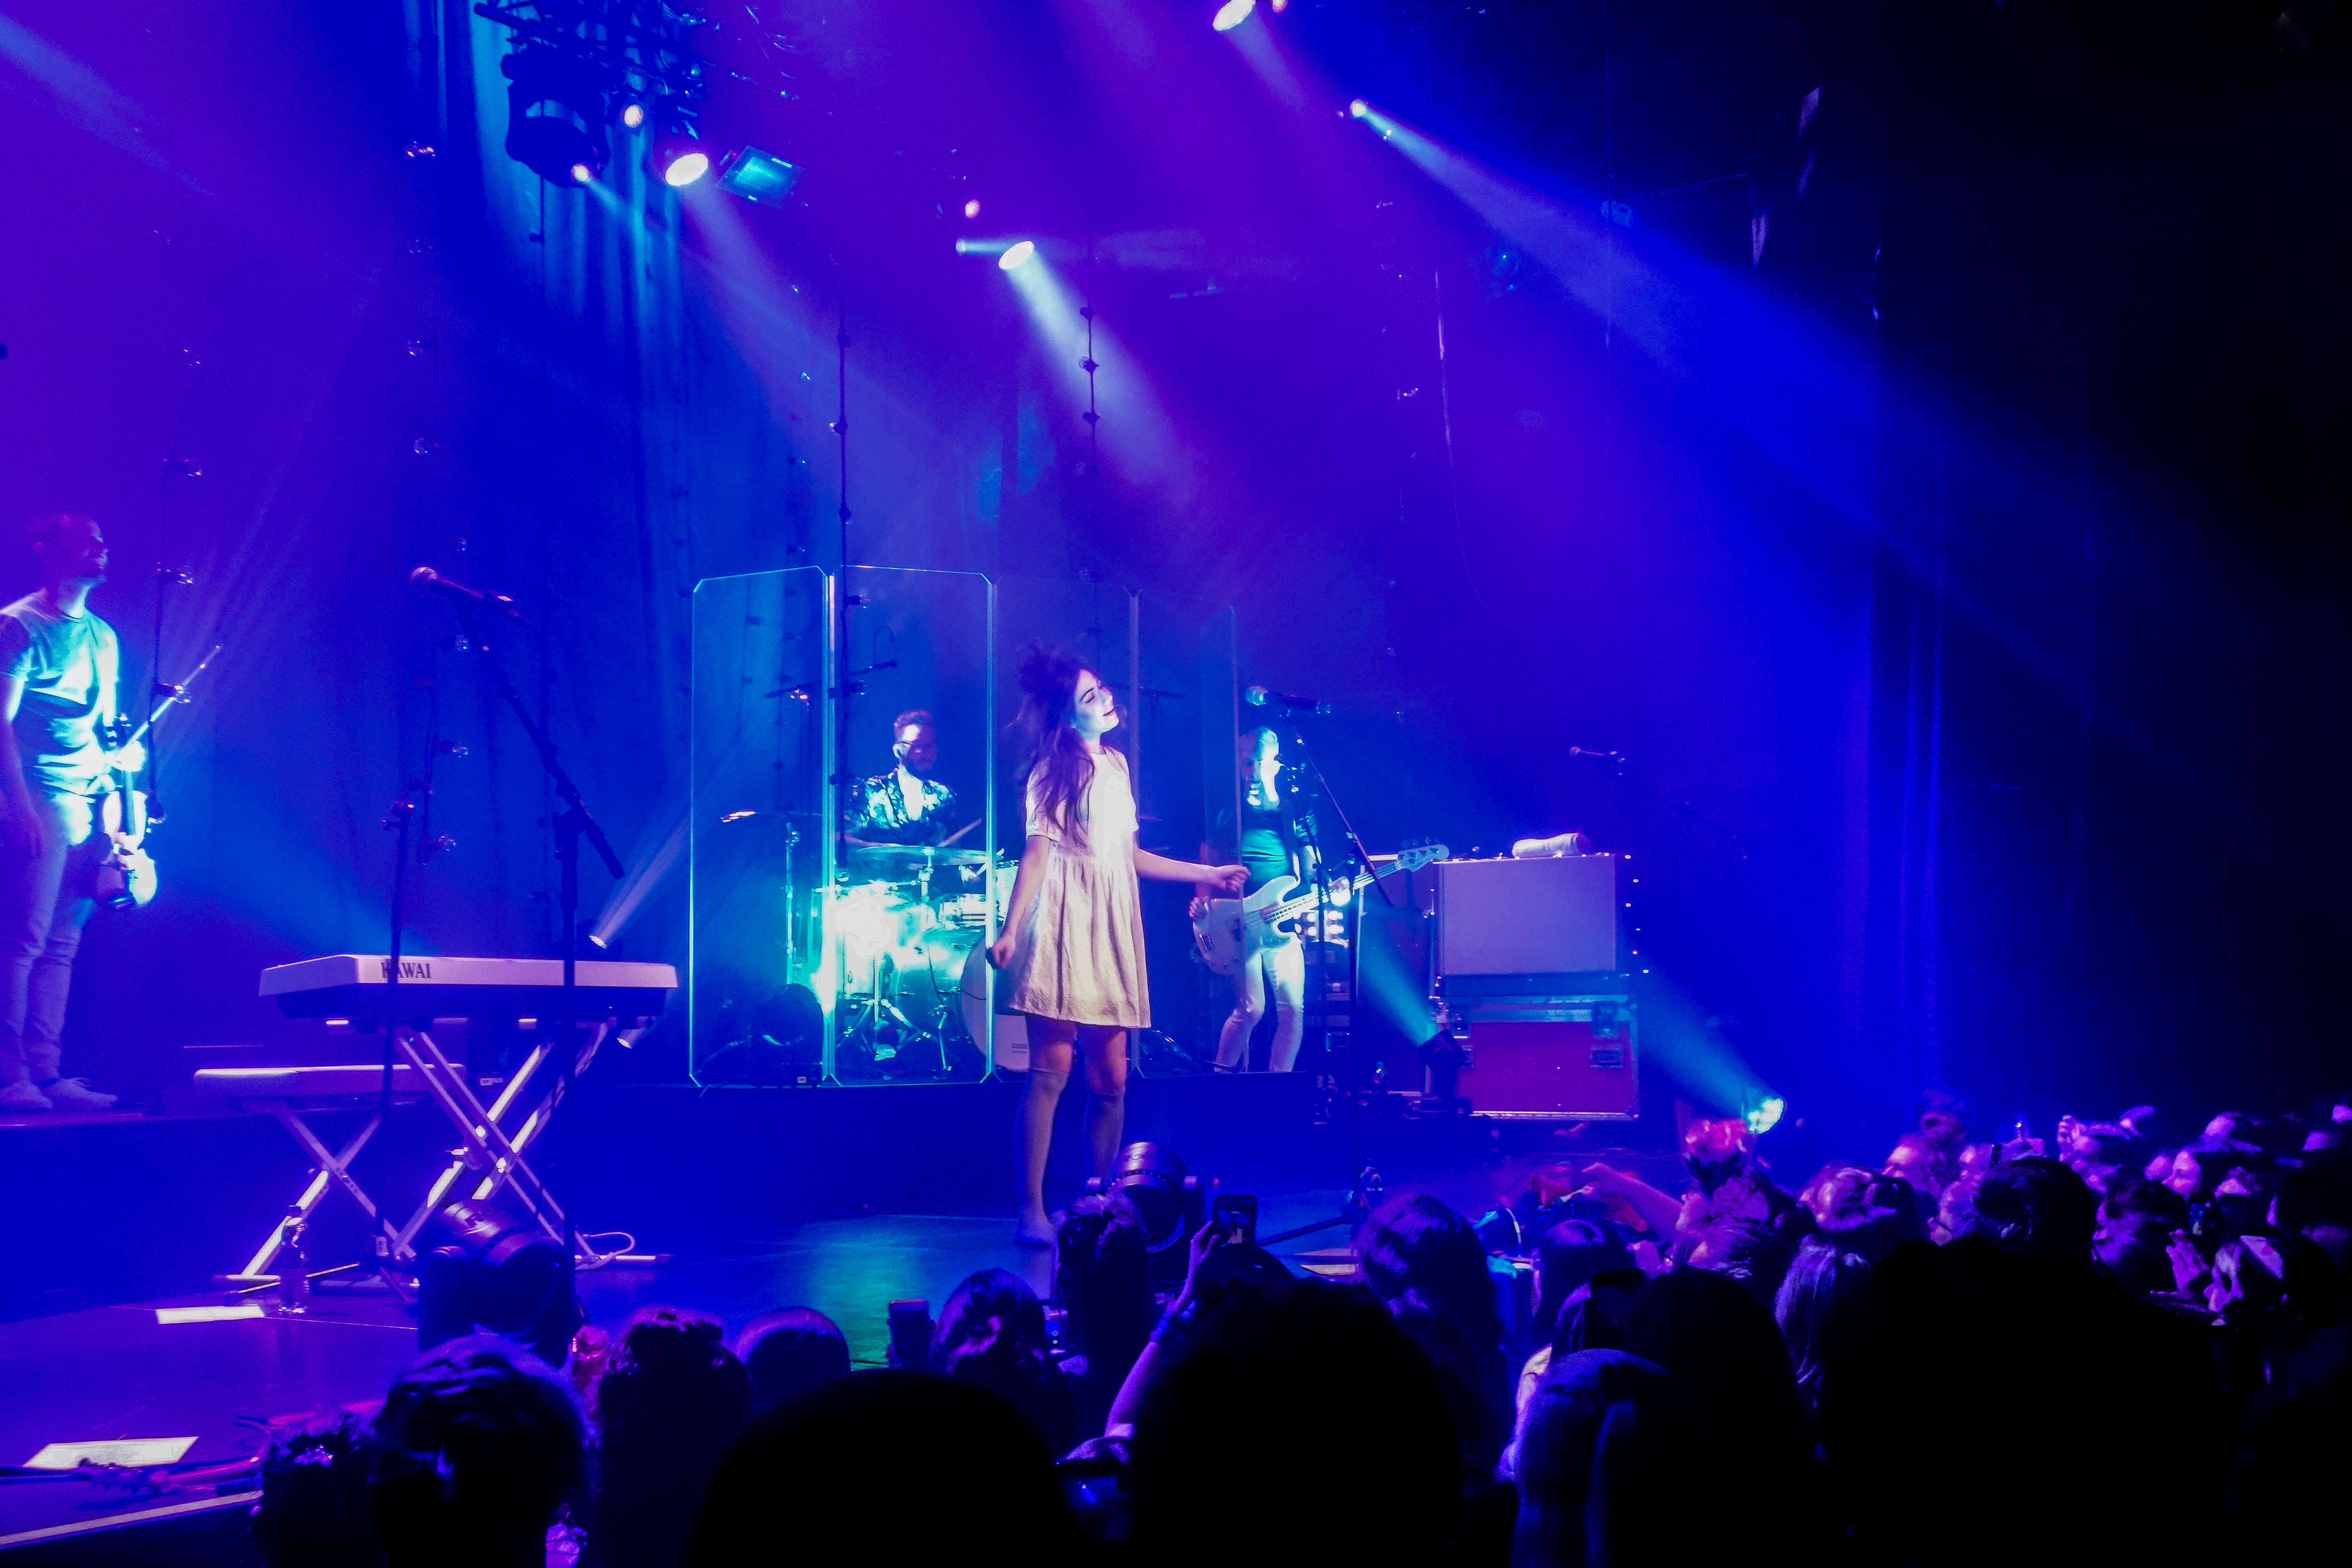 dodie optreden in Melkweg Amsterdam